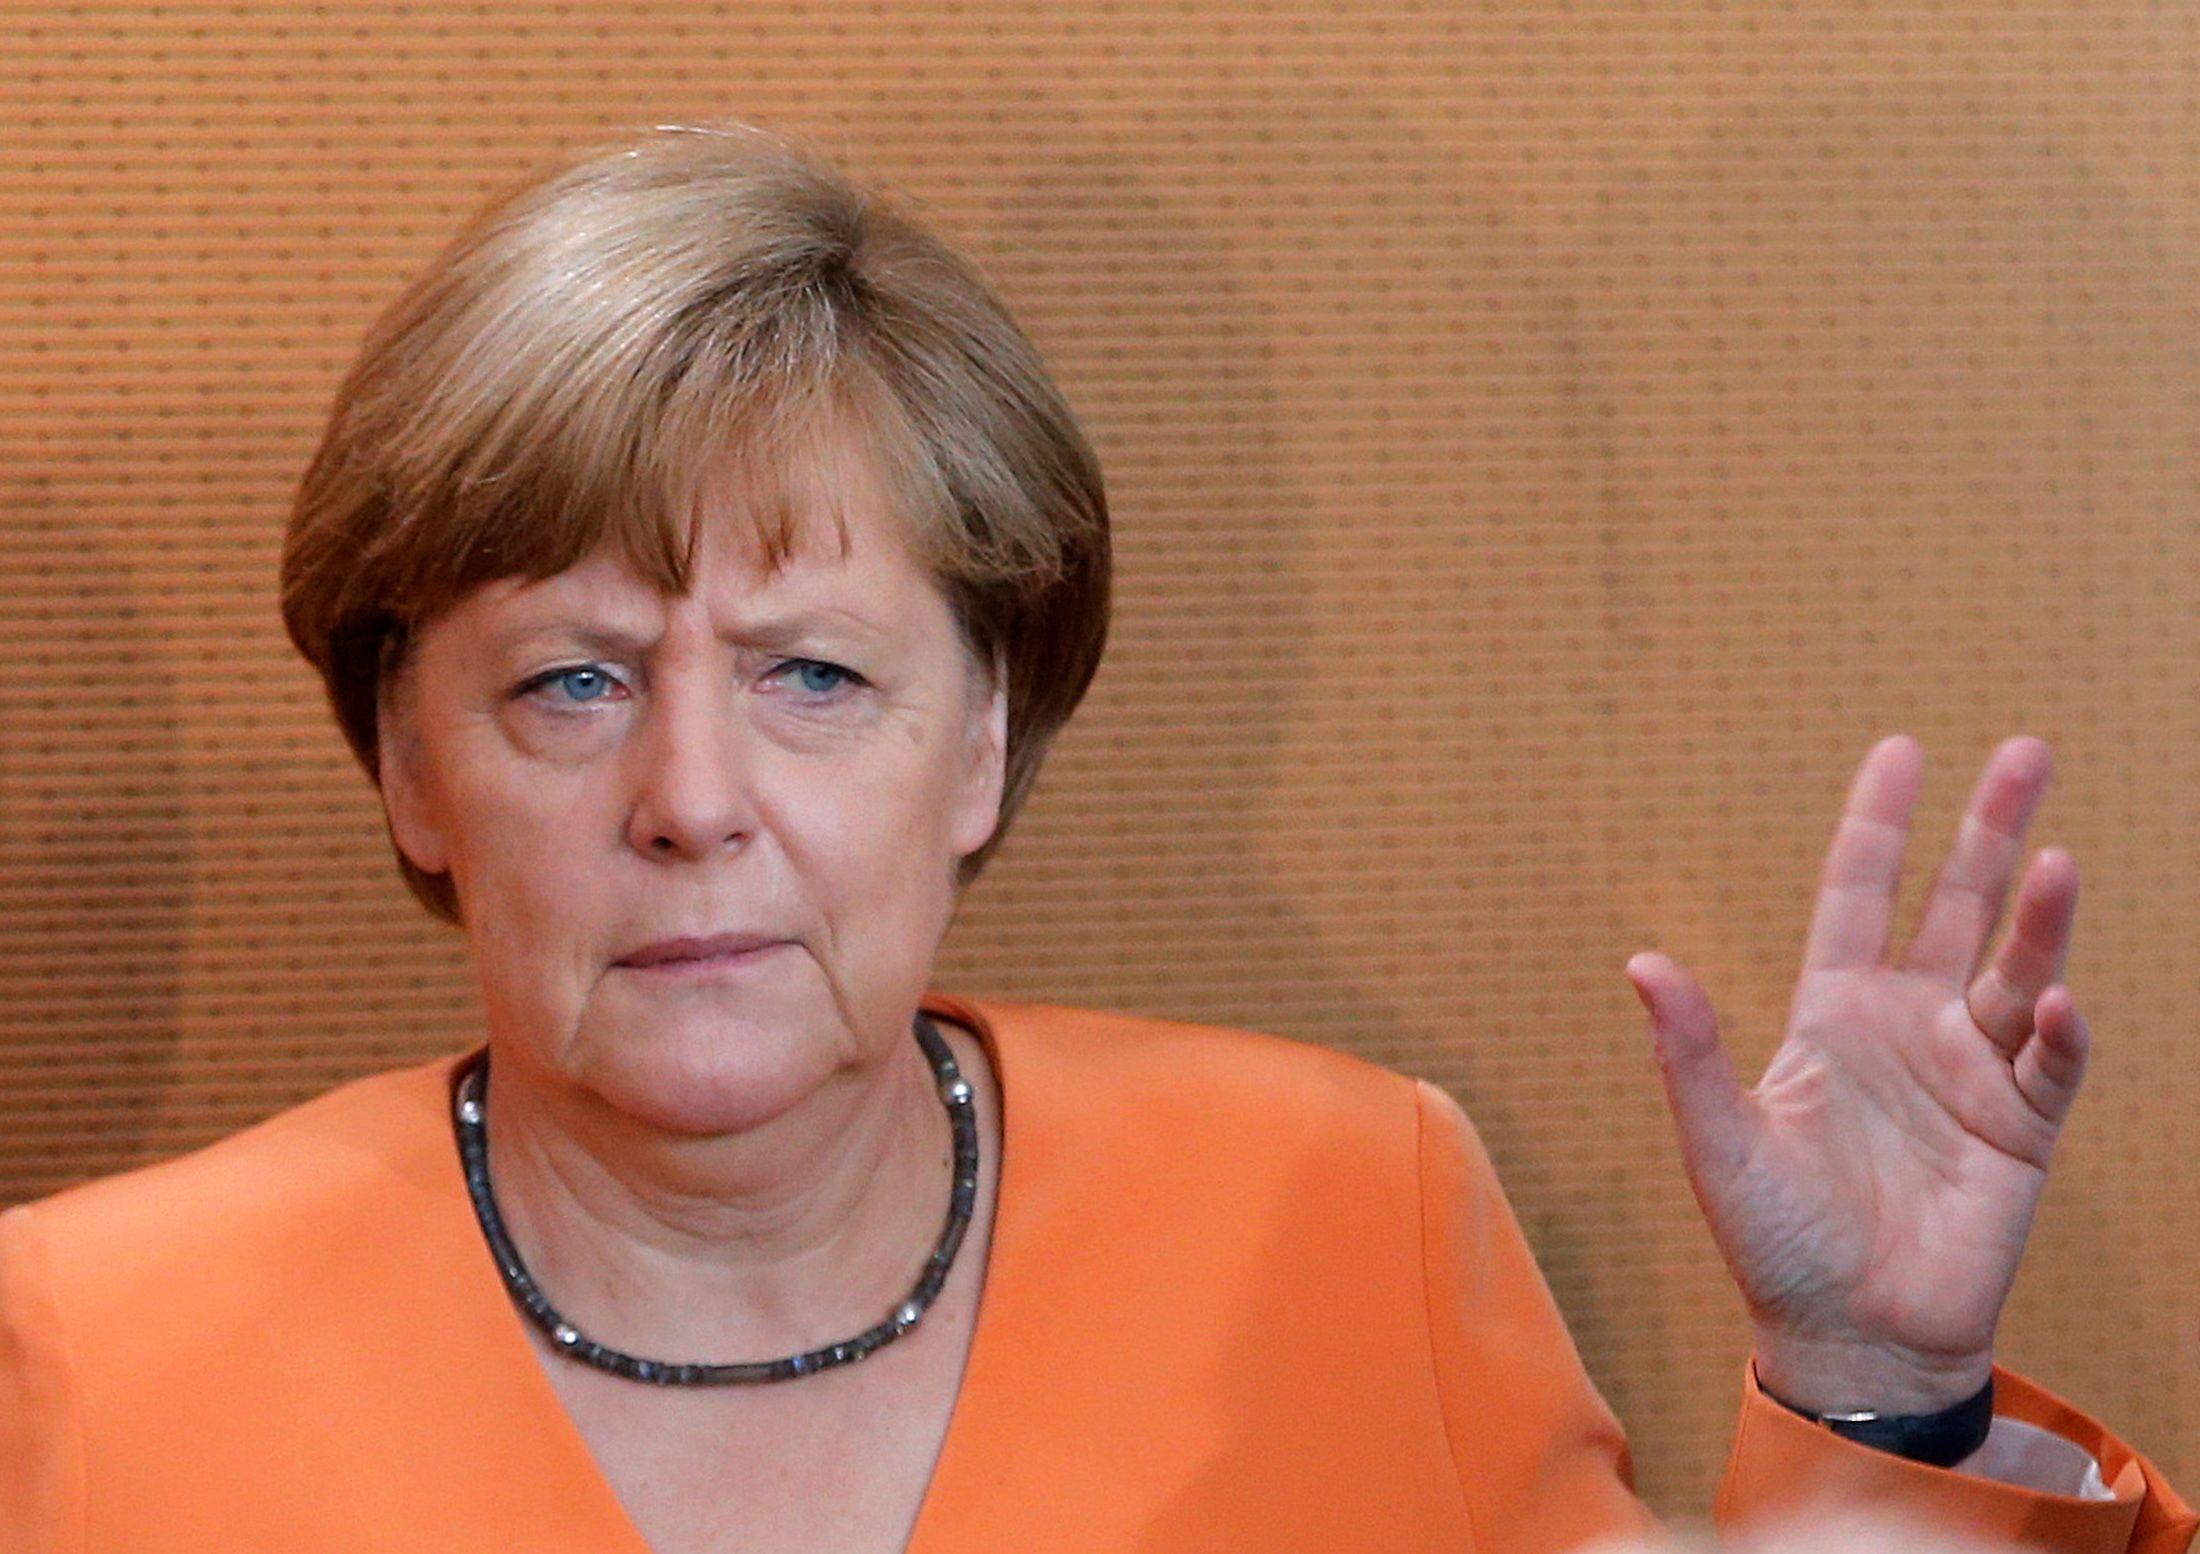 Hans-Joachim Maaz évoque notamment l'entêtement dont fait preuve Angela Merkel.